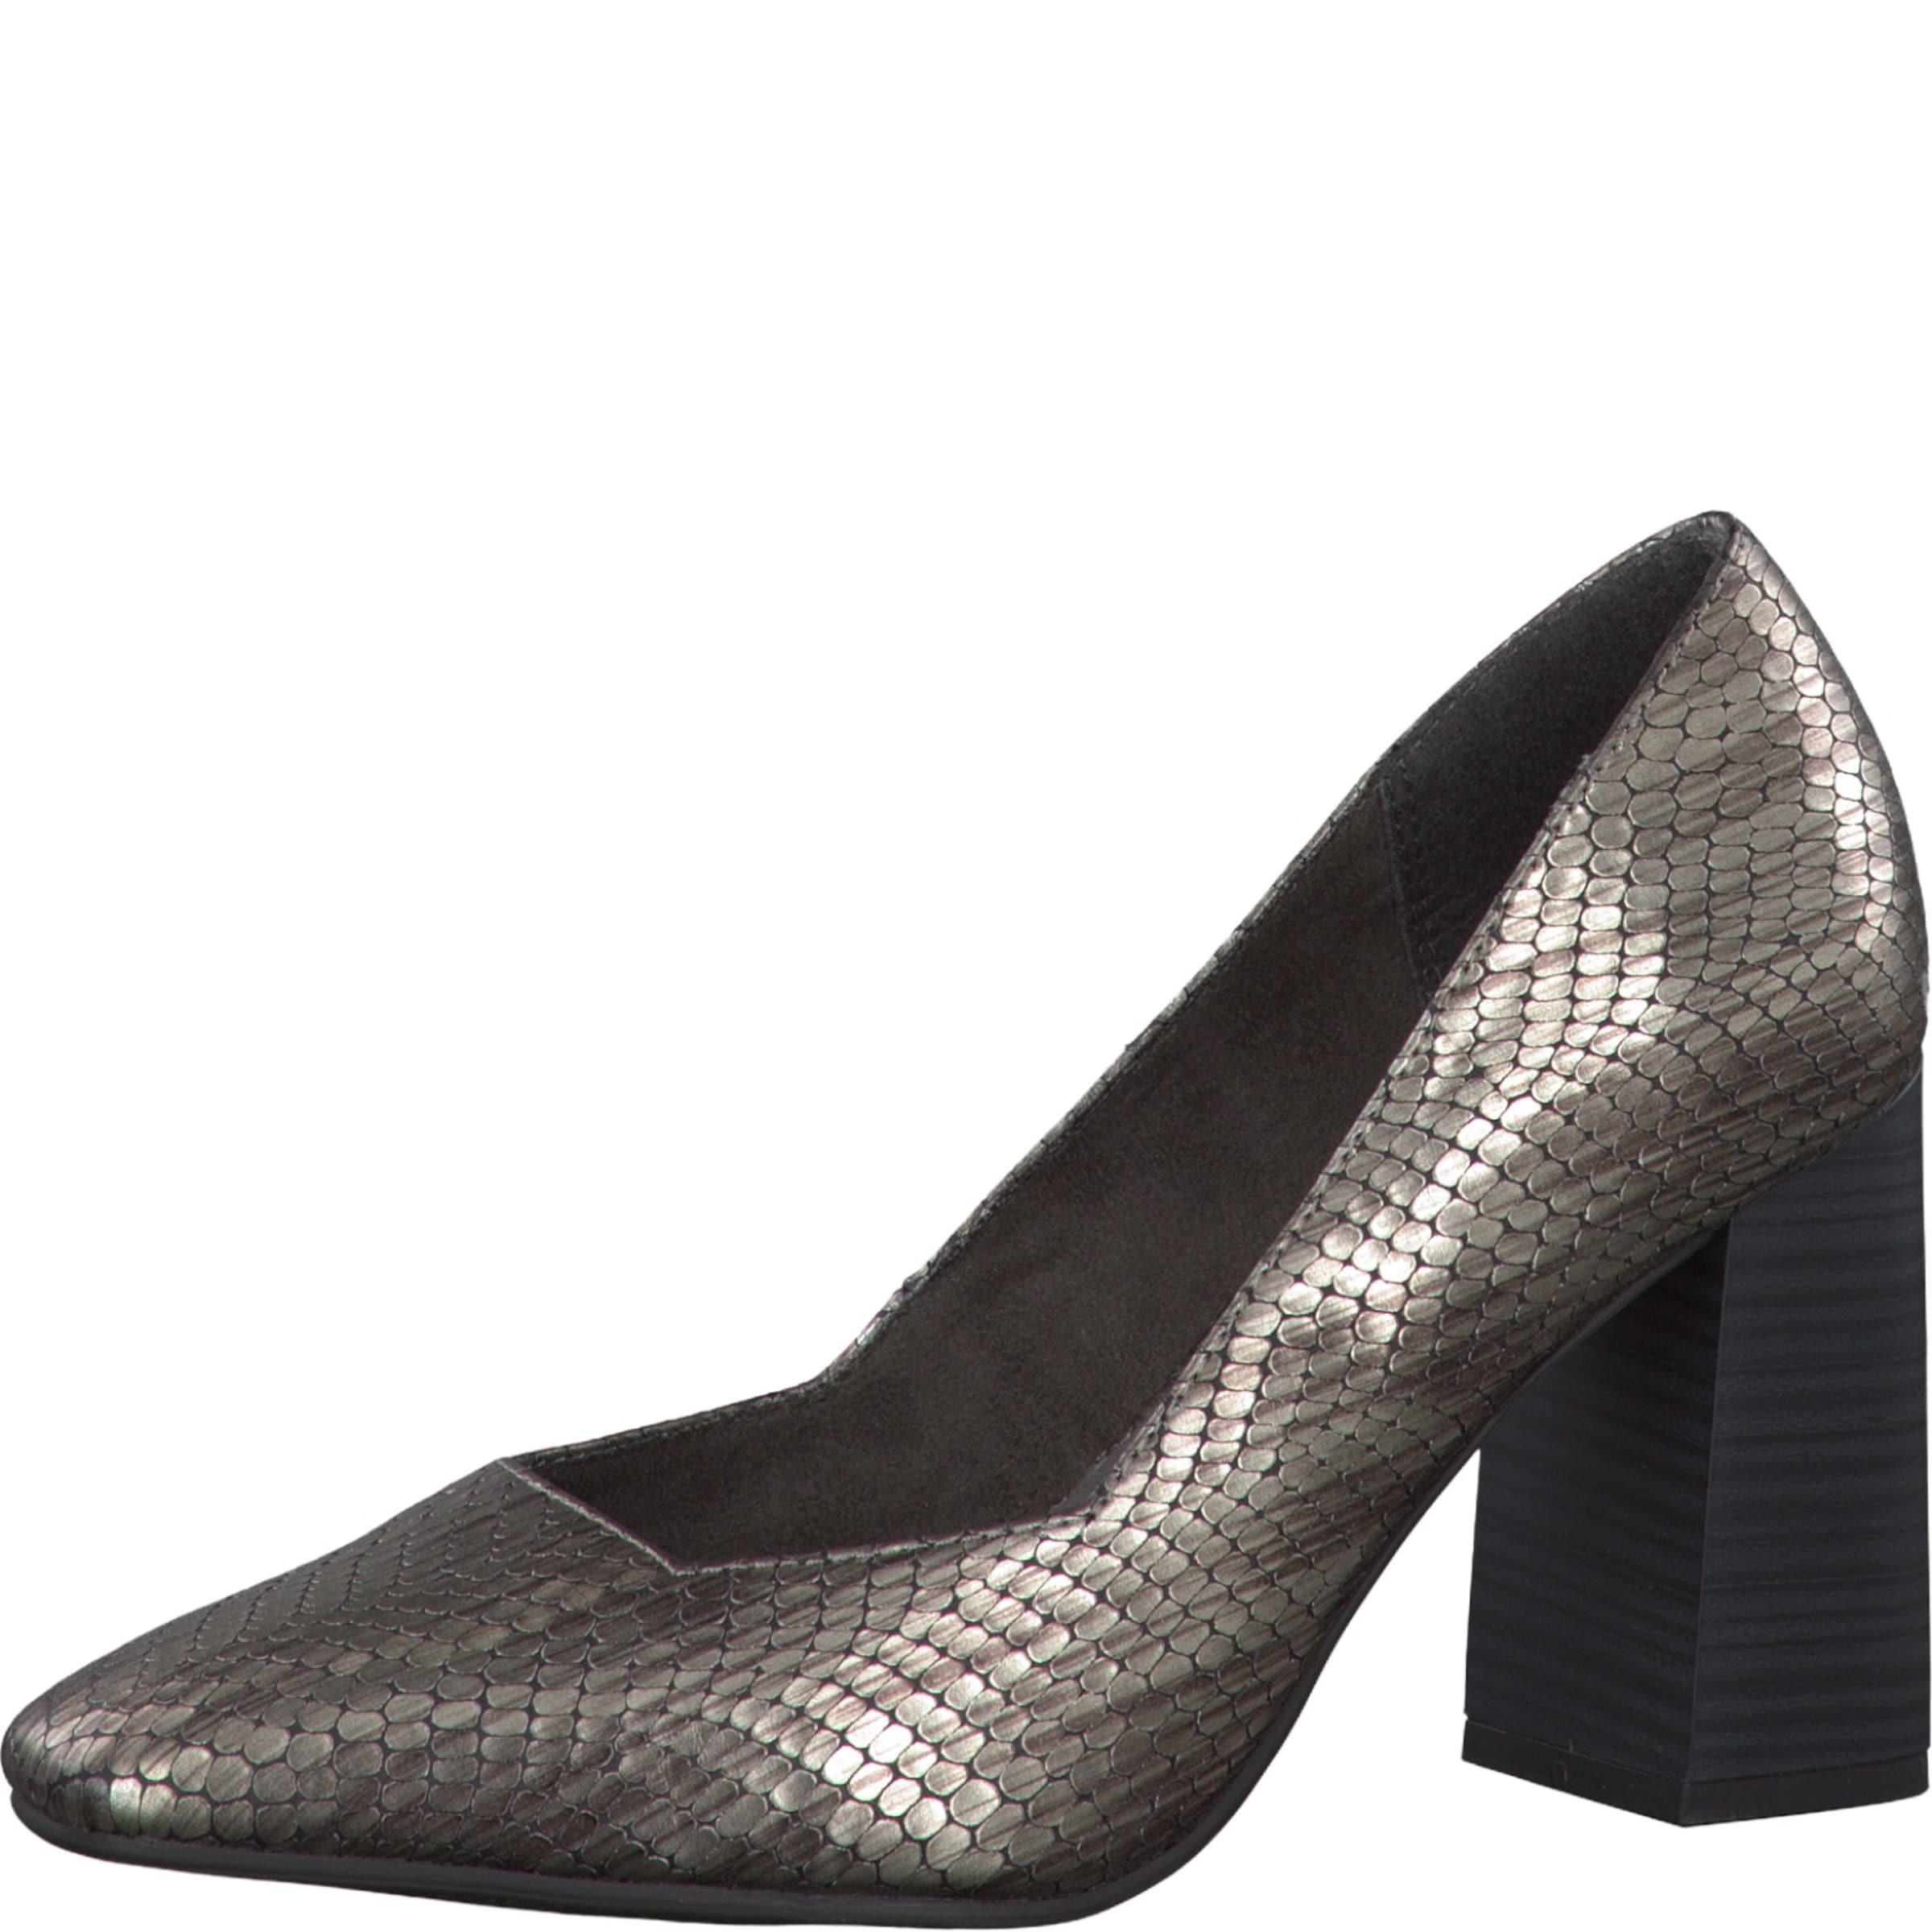 TAMARIS Pumps mit Blockabsatz Verschleißfeste billige Schuhe